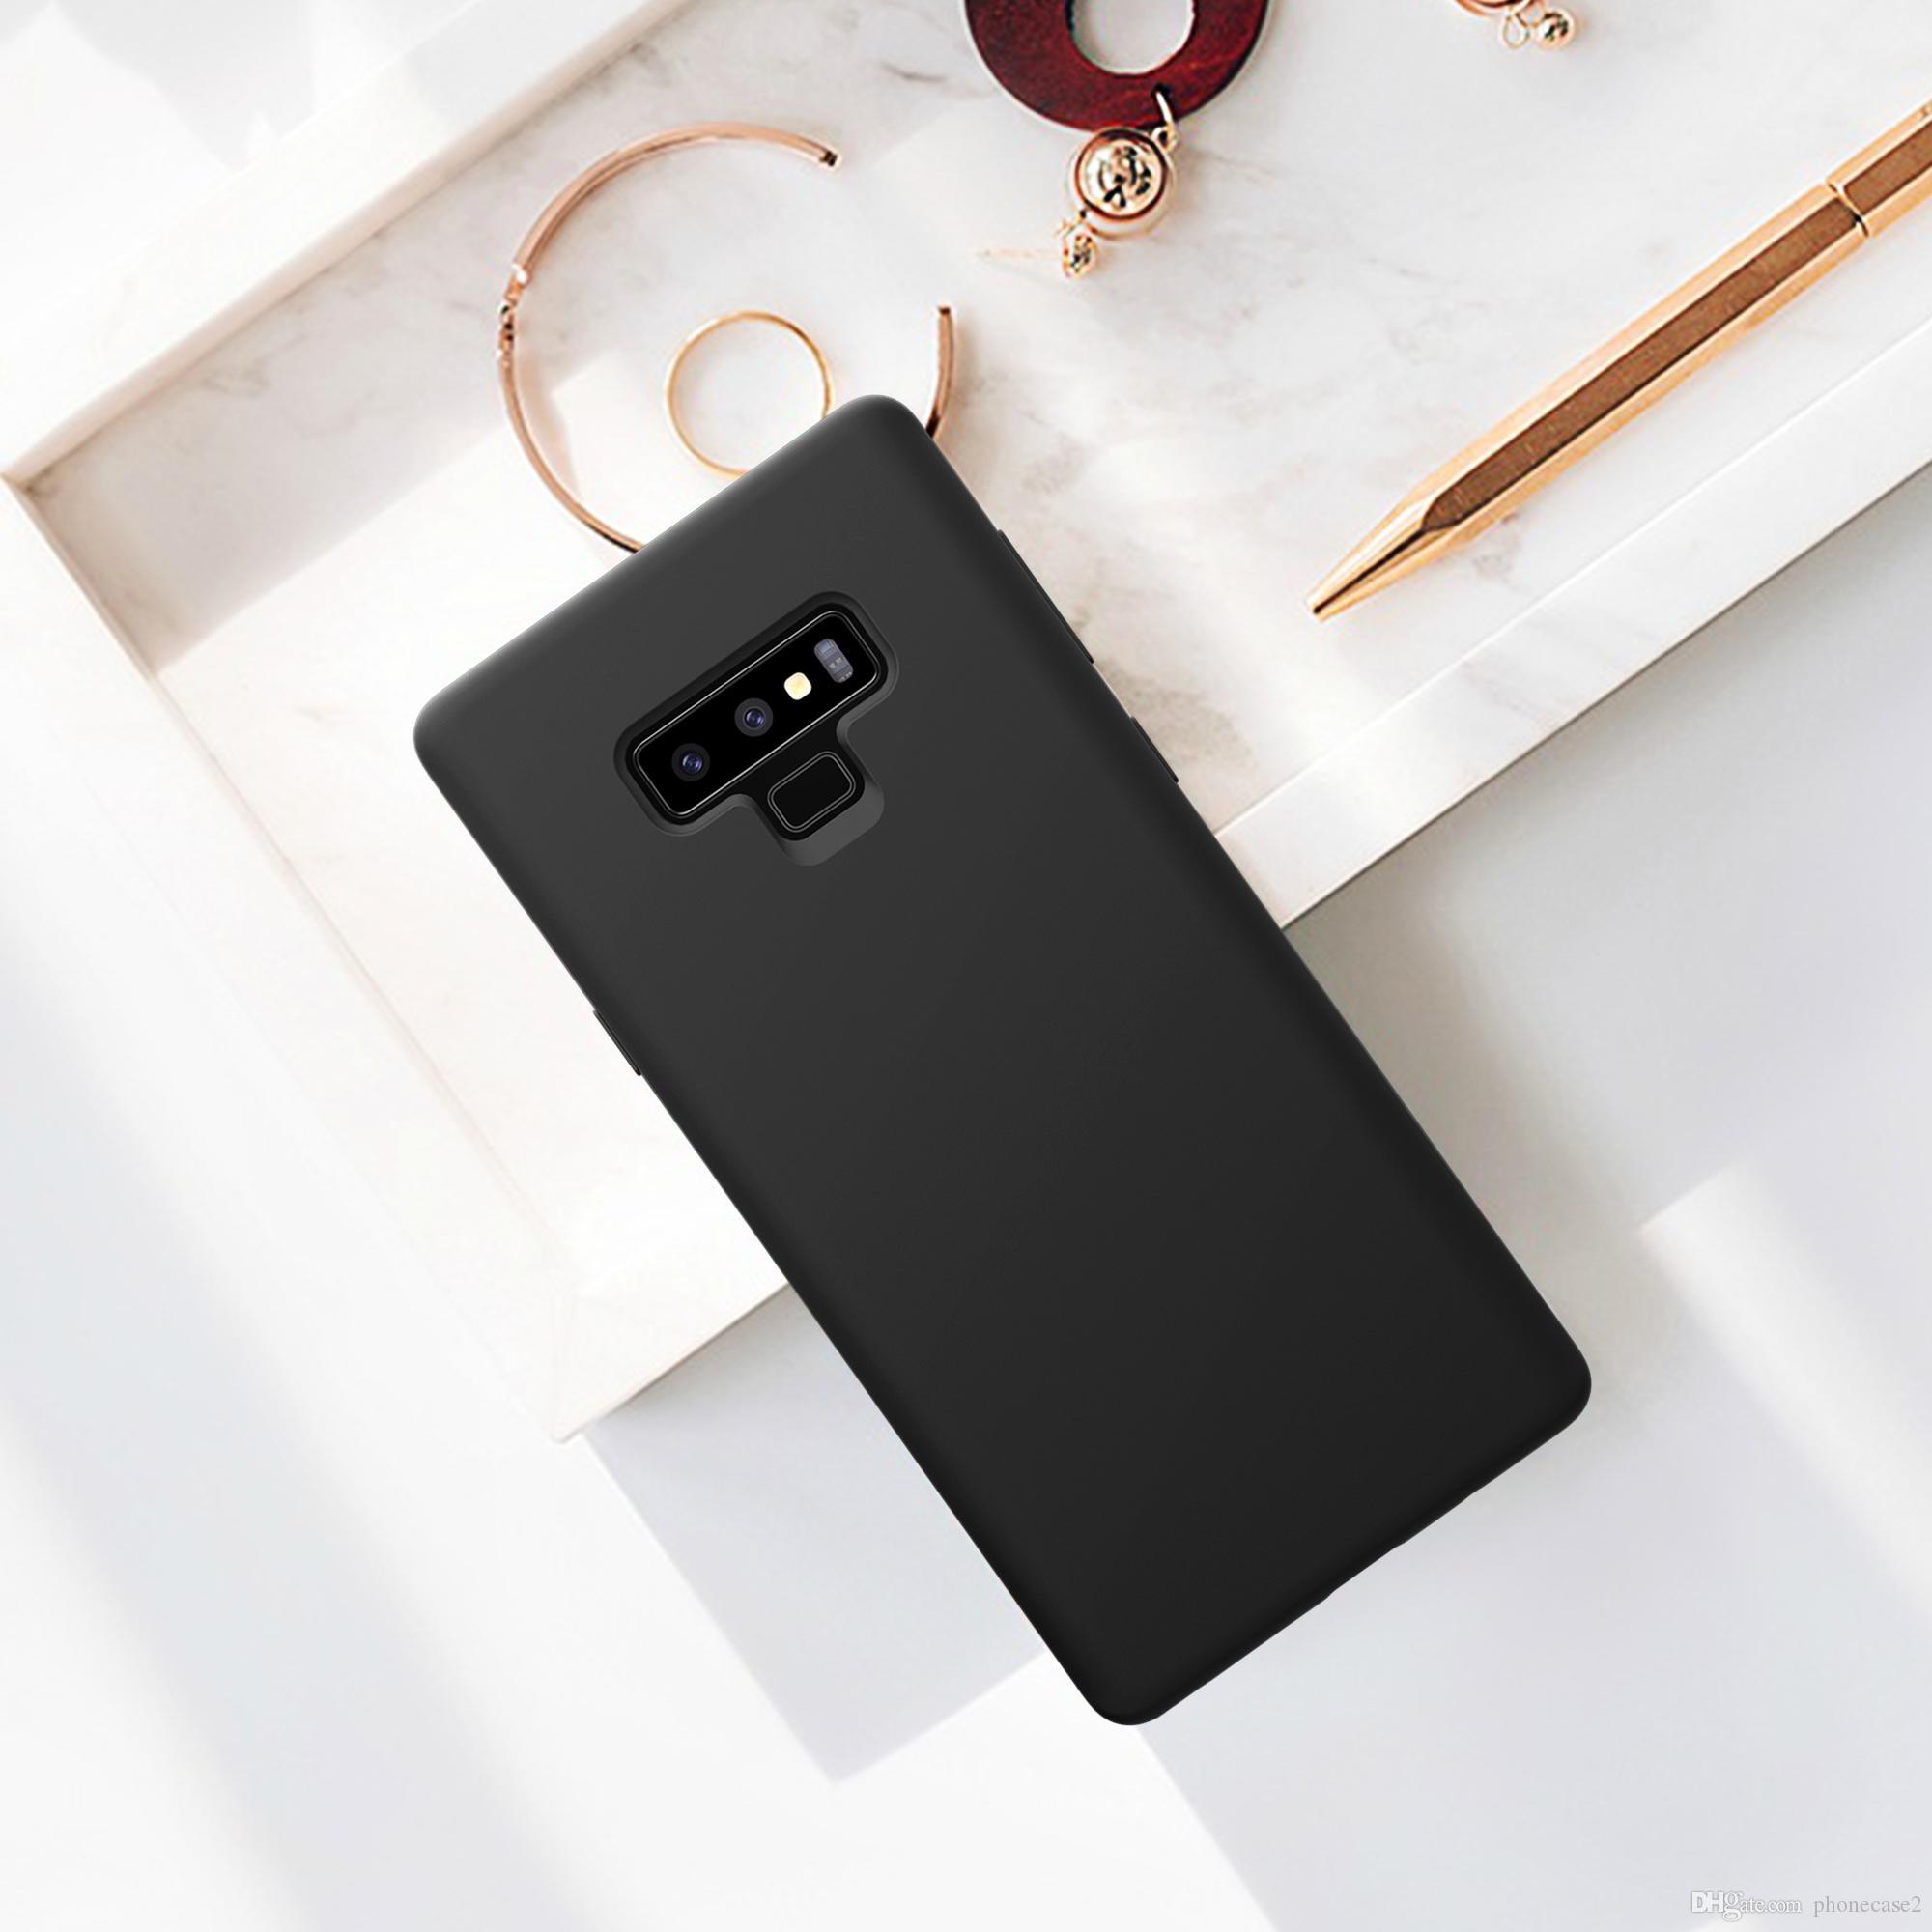 057220c0015 Accesorios De Celular NILLKIN Funda De Silicona Líquida Para Samsung Galaxy  Note 9 Anti Huella Digital Funda De Carcasa Trasera Suave Para Samsung  Galaxy ...